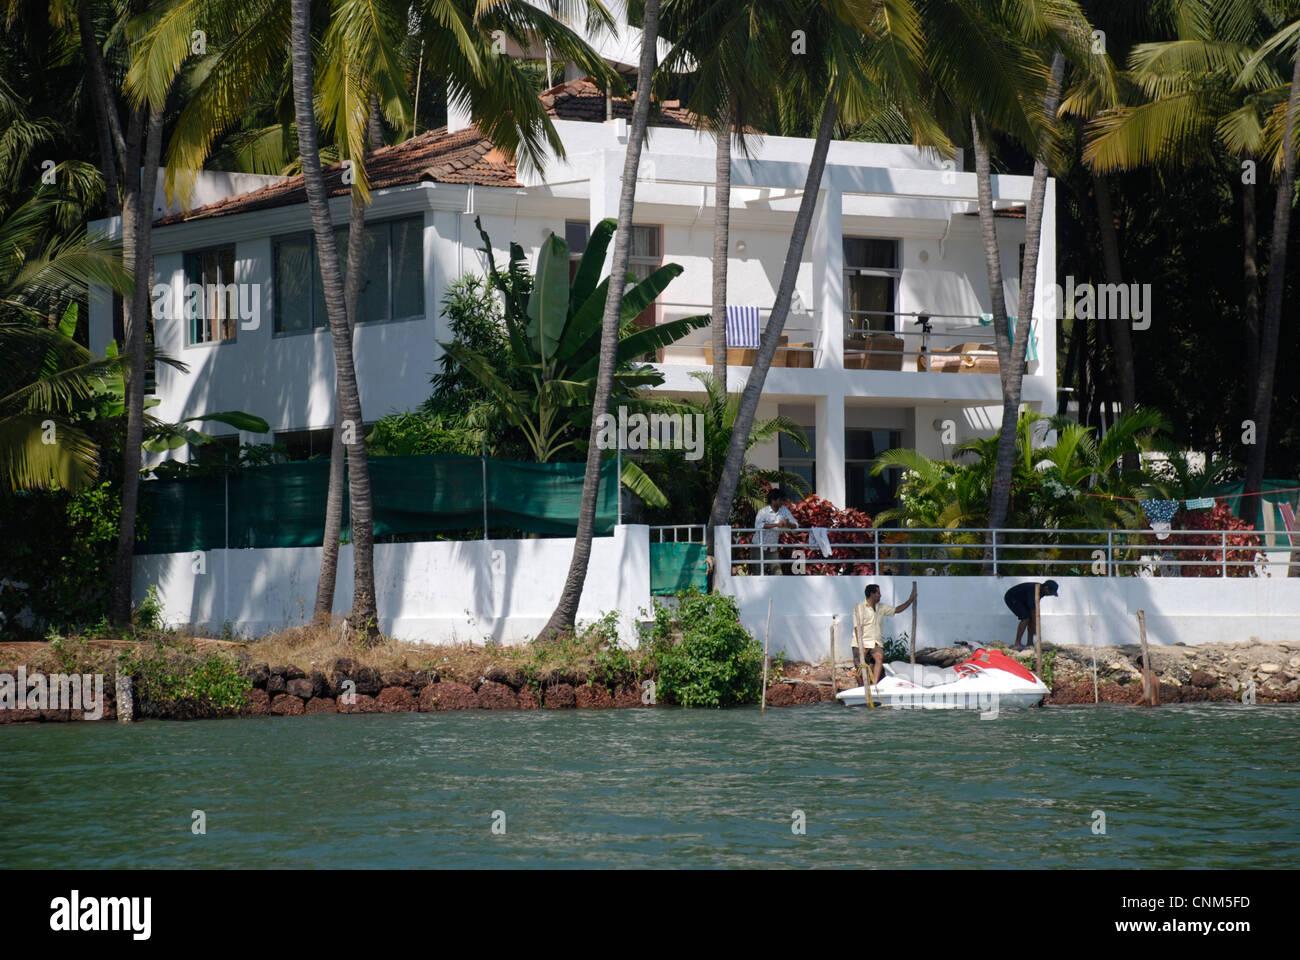 Ein wohlhabender am Flussufer Haus in Goa, Indien Stockbild